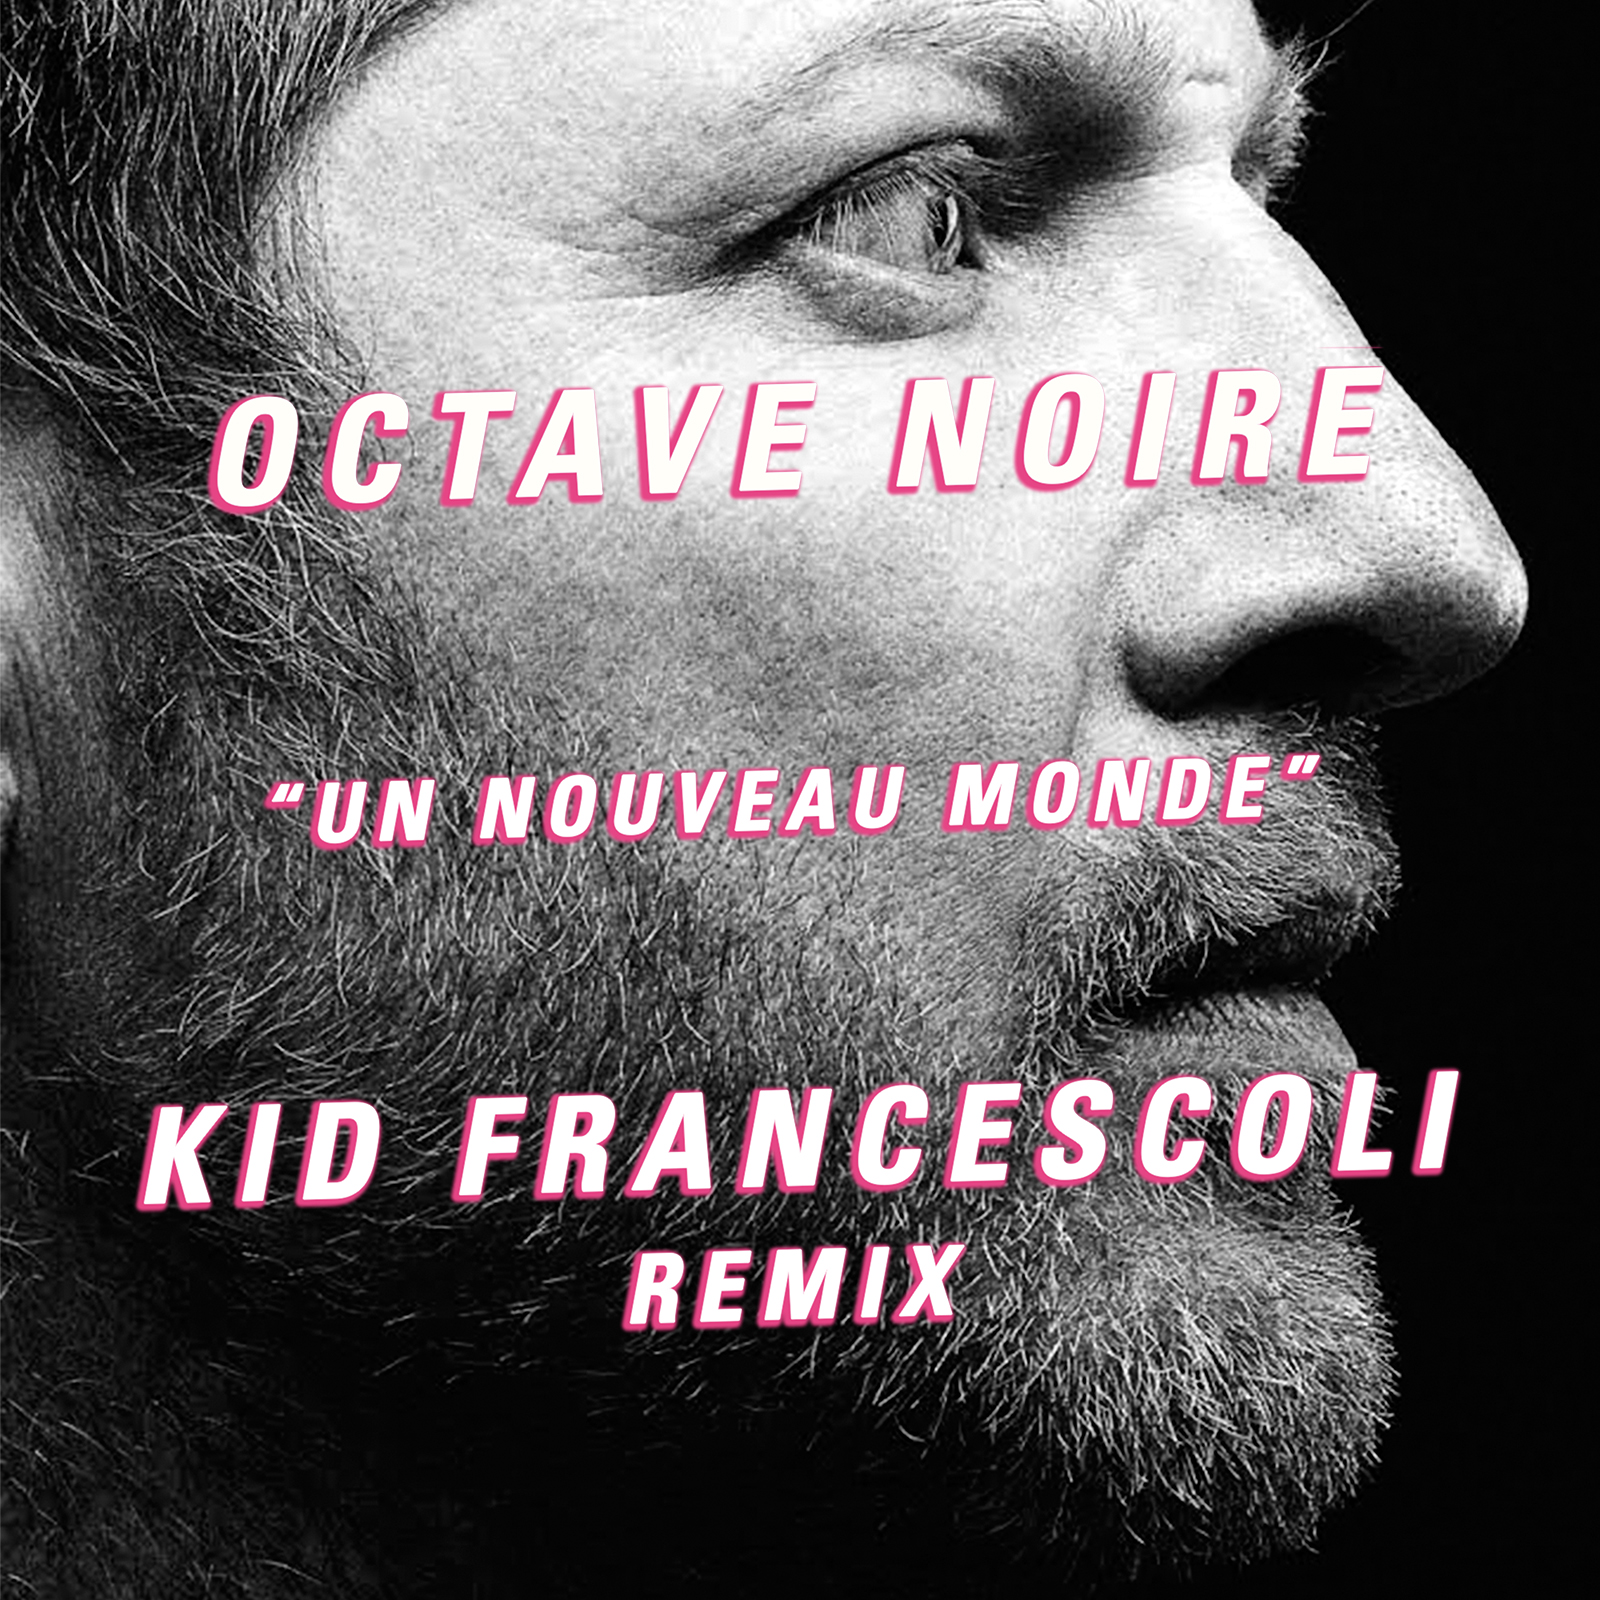 octave noire, kid francescoli